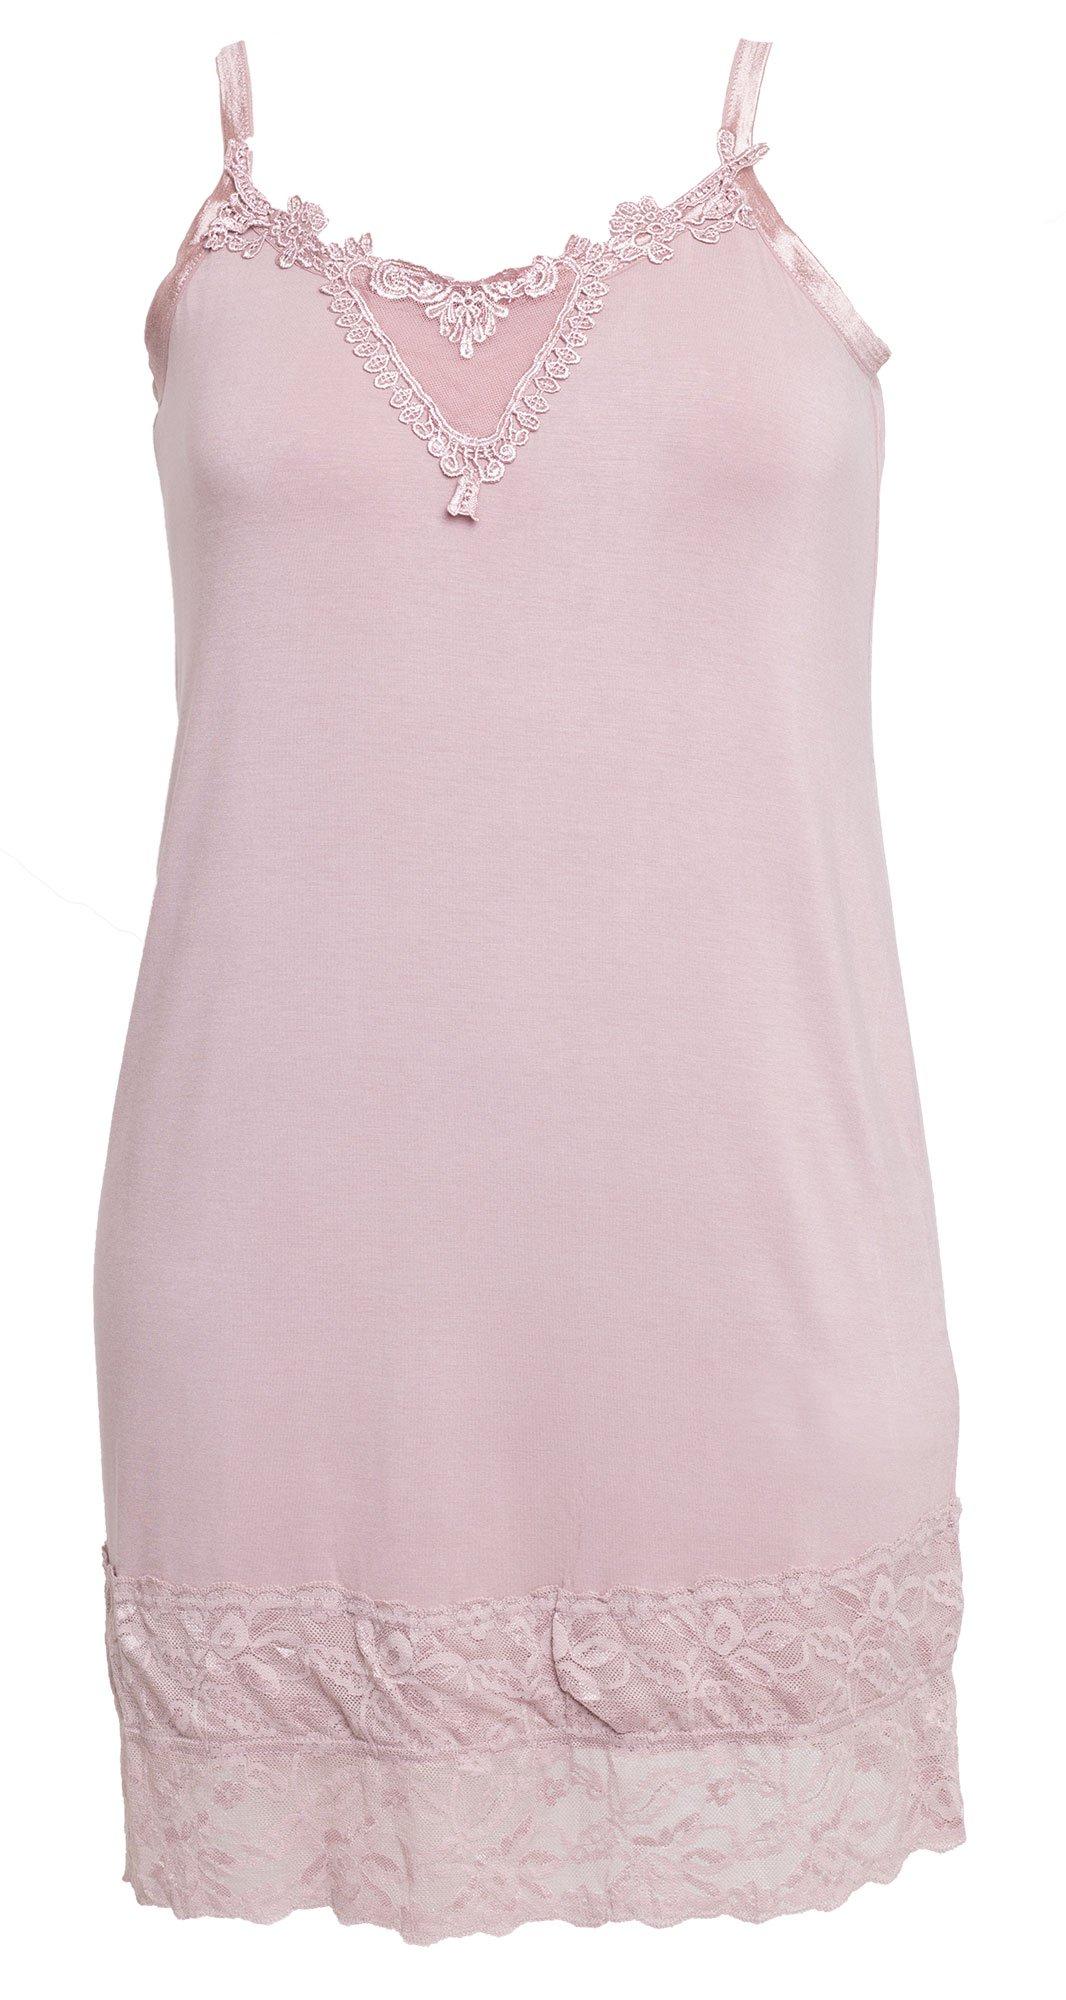 Sød rosa farvet lang blonde top / underkjole